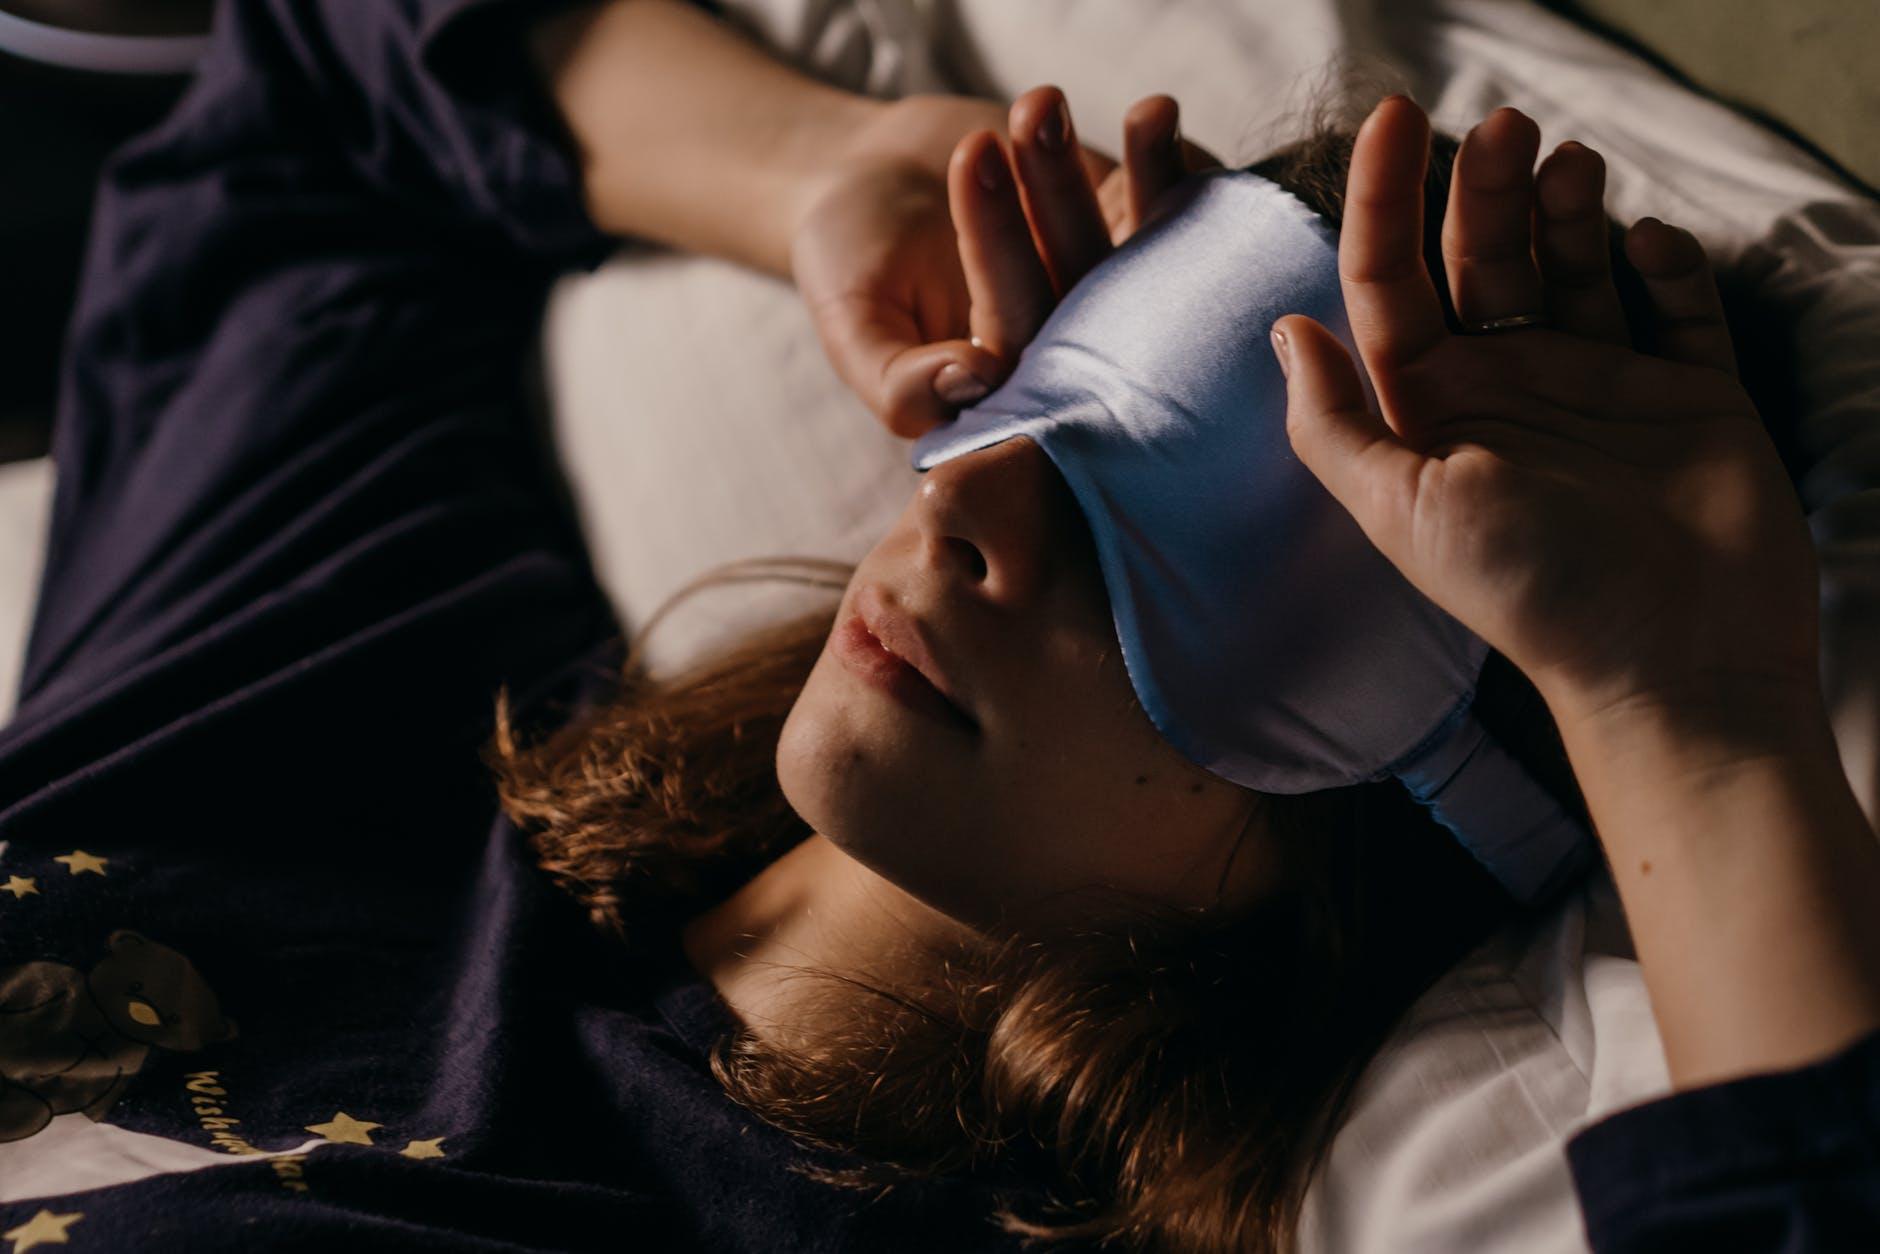 masque endormir dormir sommeil lit femme